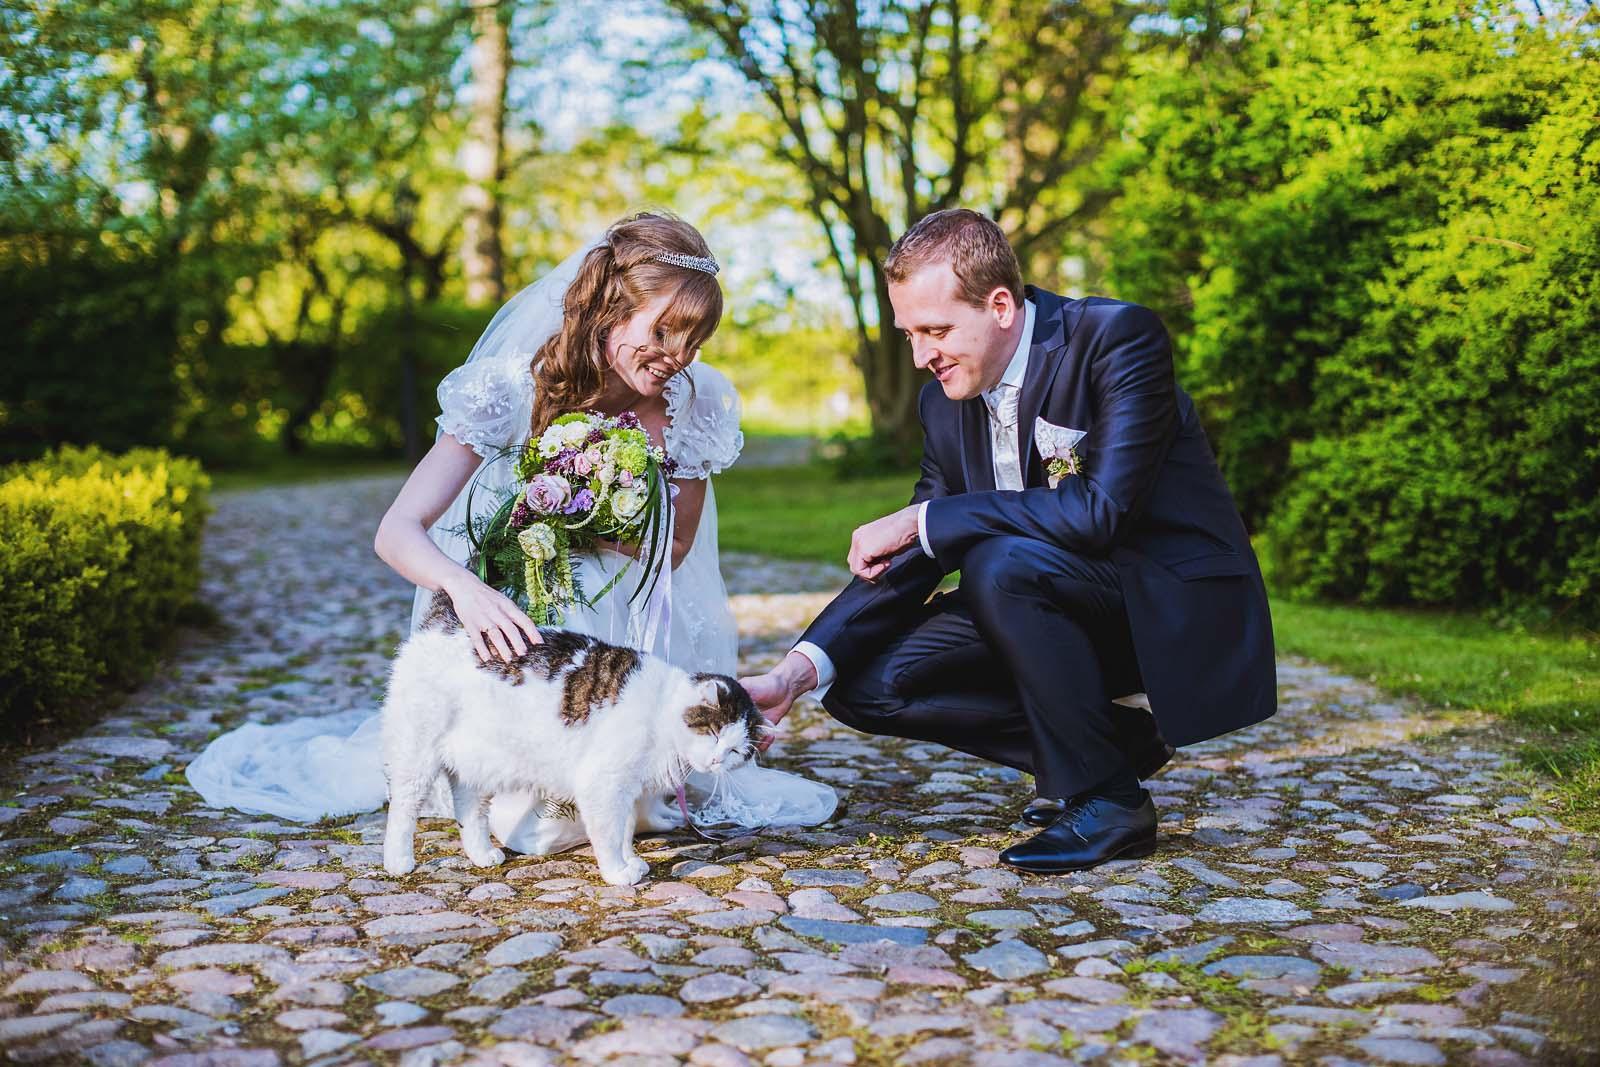 Hochzeitsportrait mit Katze Copyright by Hochzeitsfotograf www.berliner-hochzeitsfotografie.de